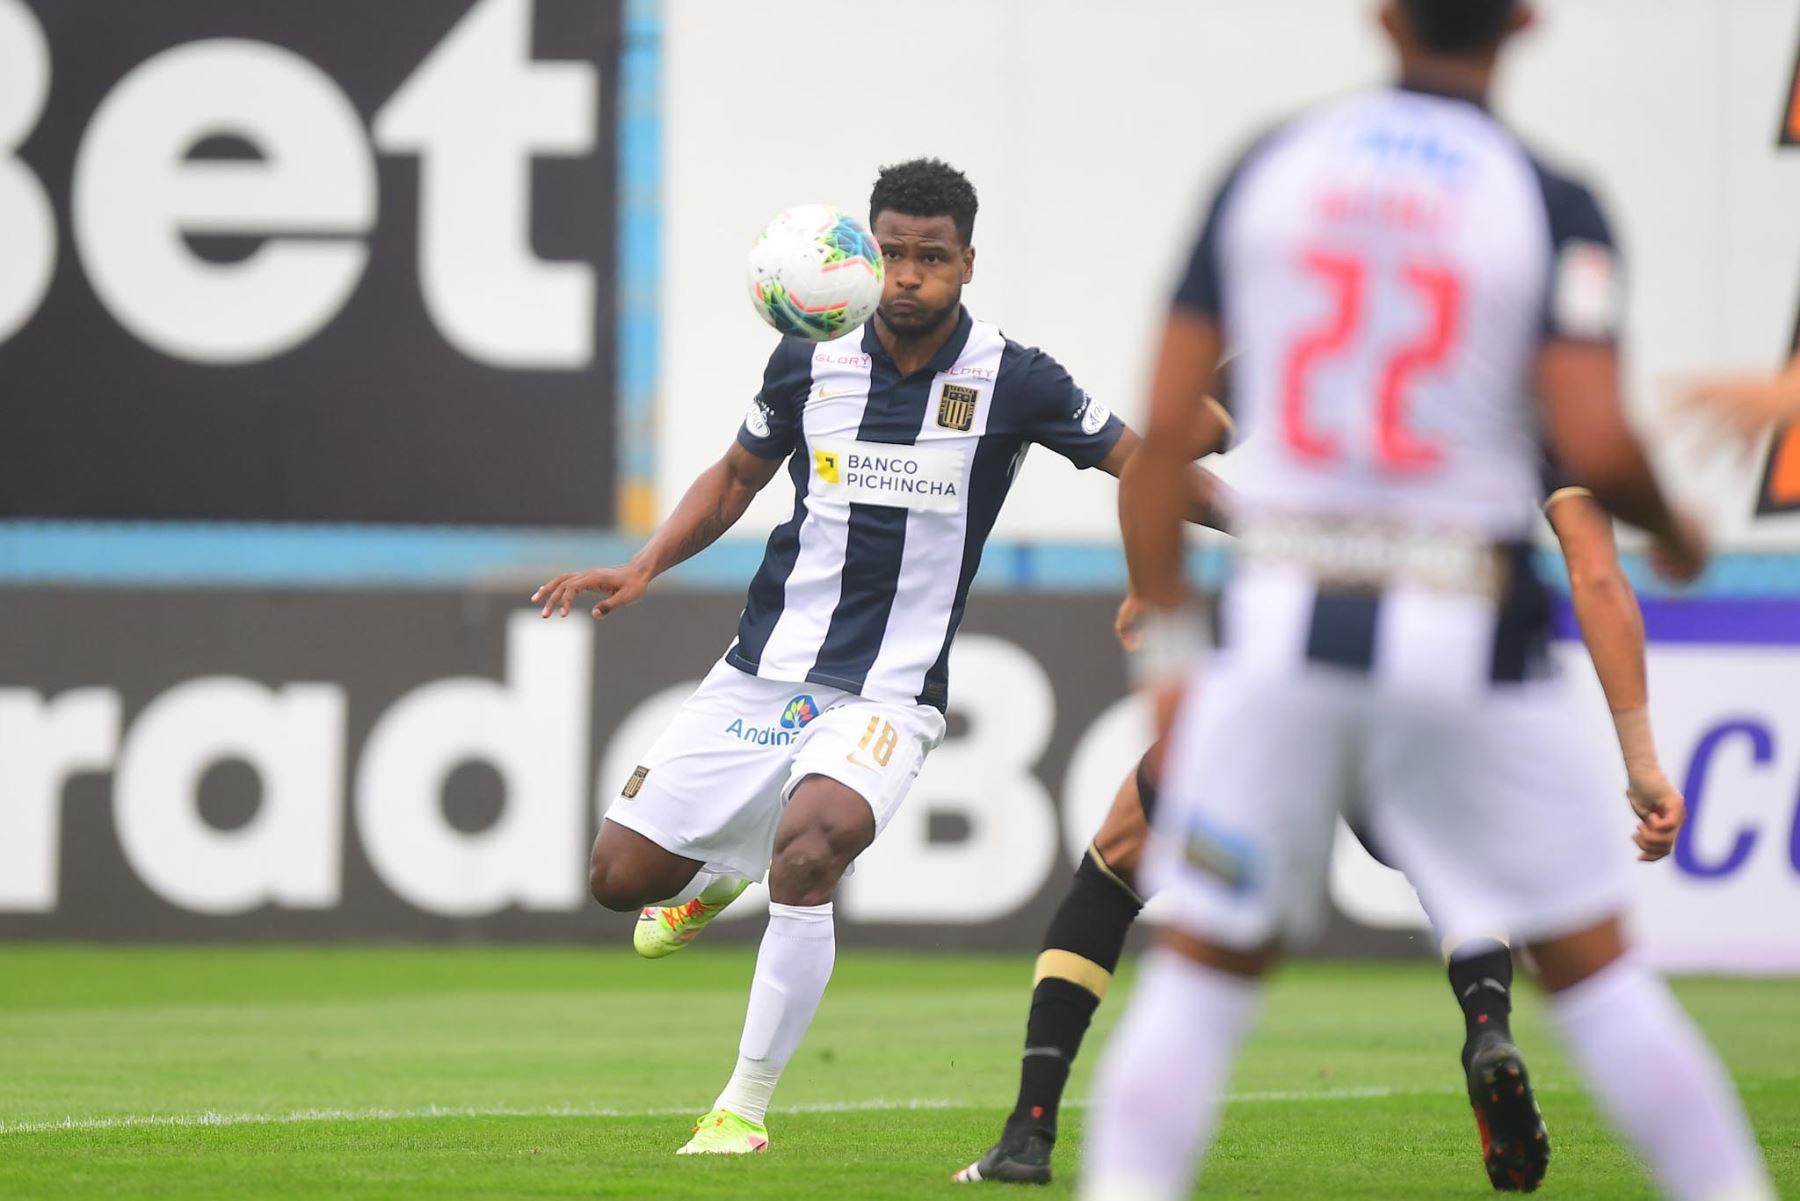 A. Rodríguez de Alianza Lima controla el balón durante partido ante Cusco FC por la fecha 11 de la Liga 1, en el estadio Alberto Gallardo. Foto: Liga 1